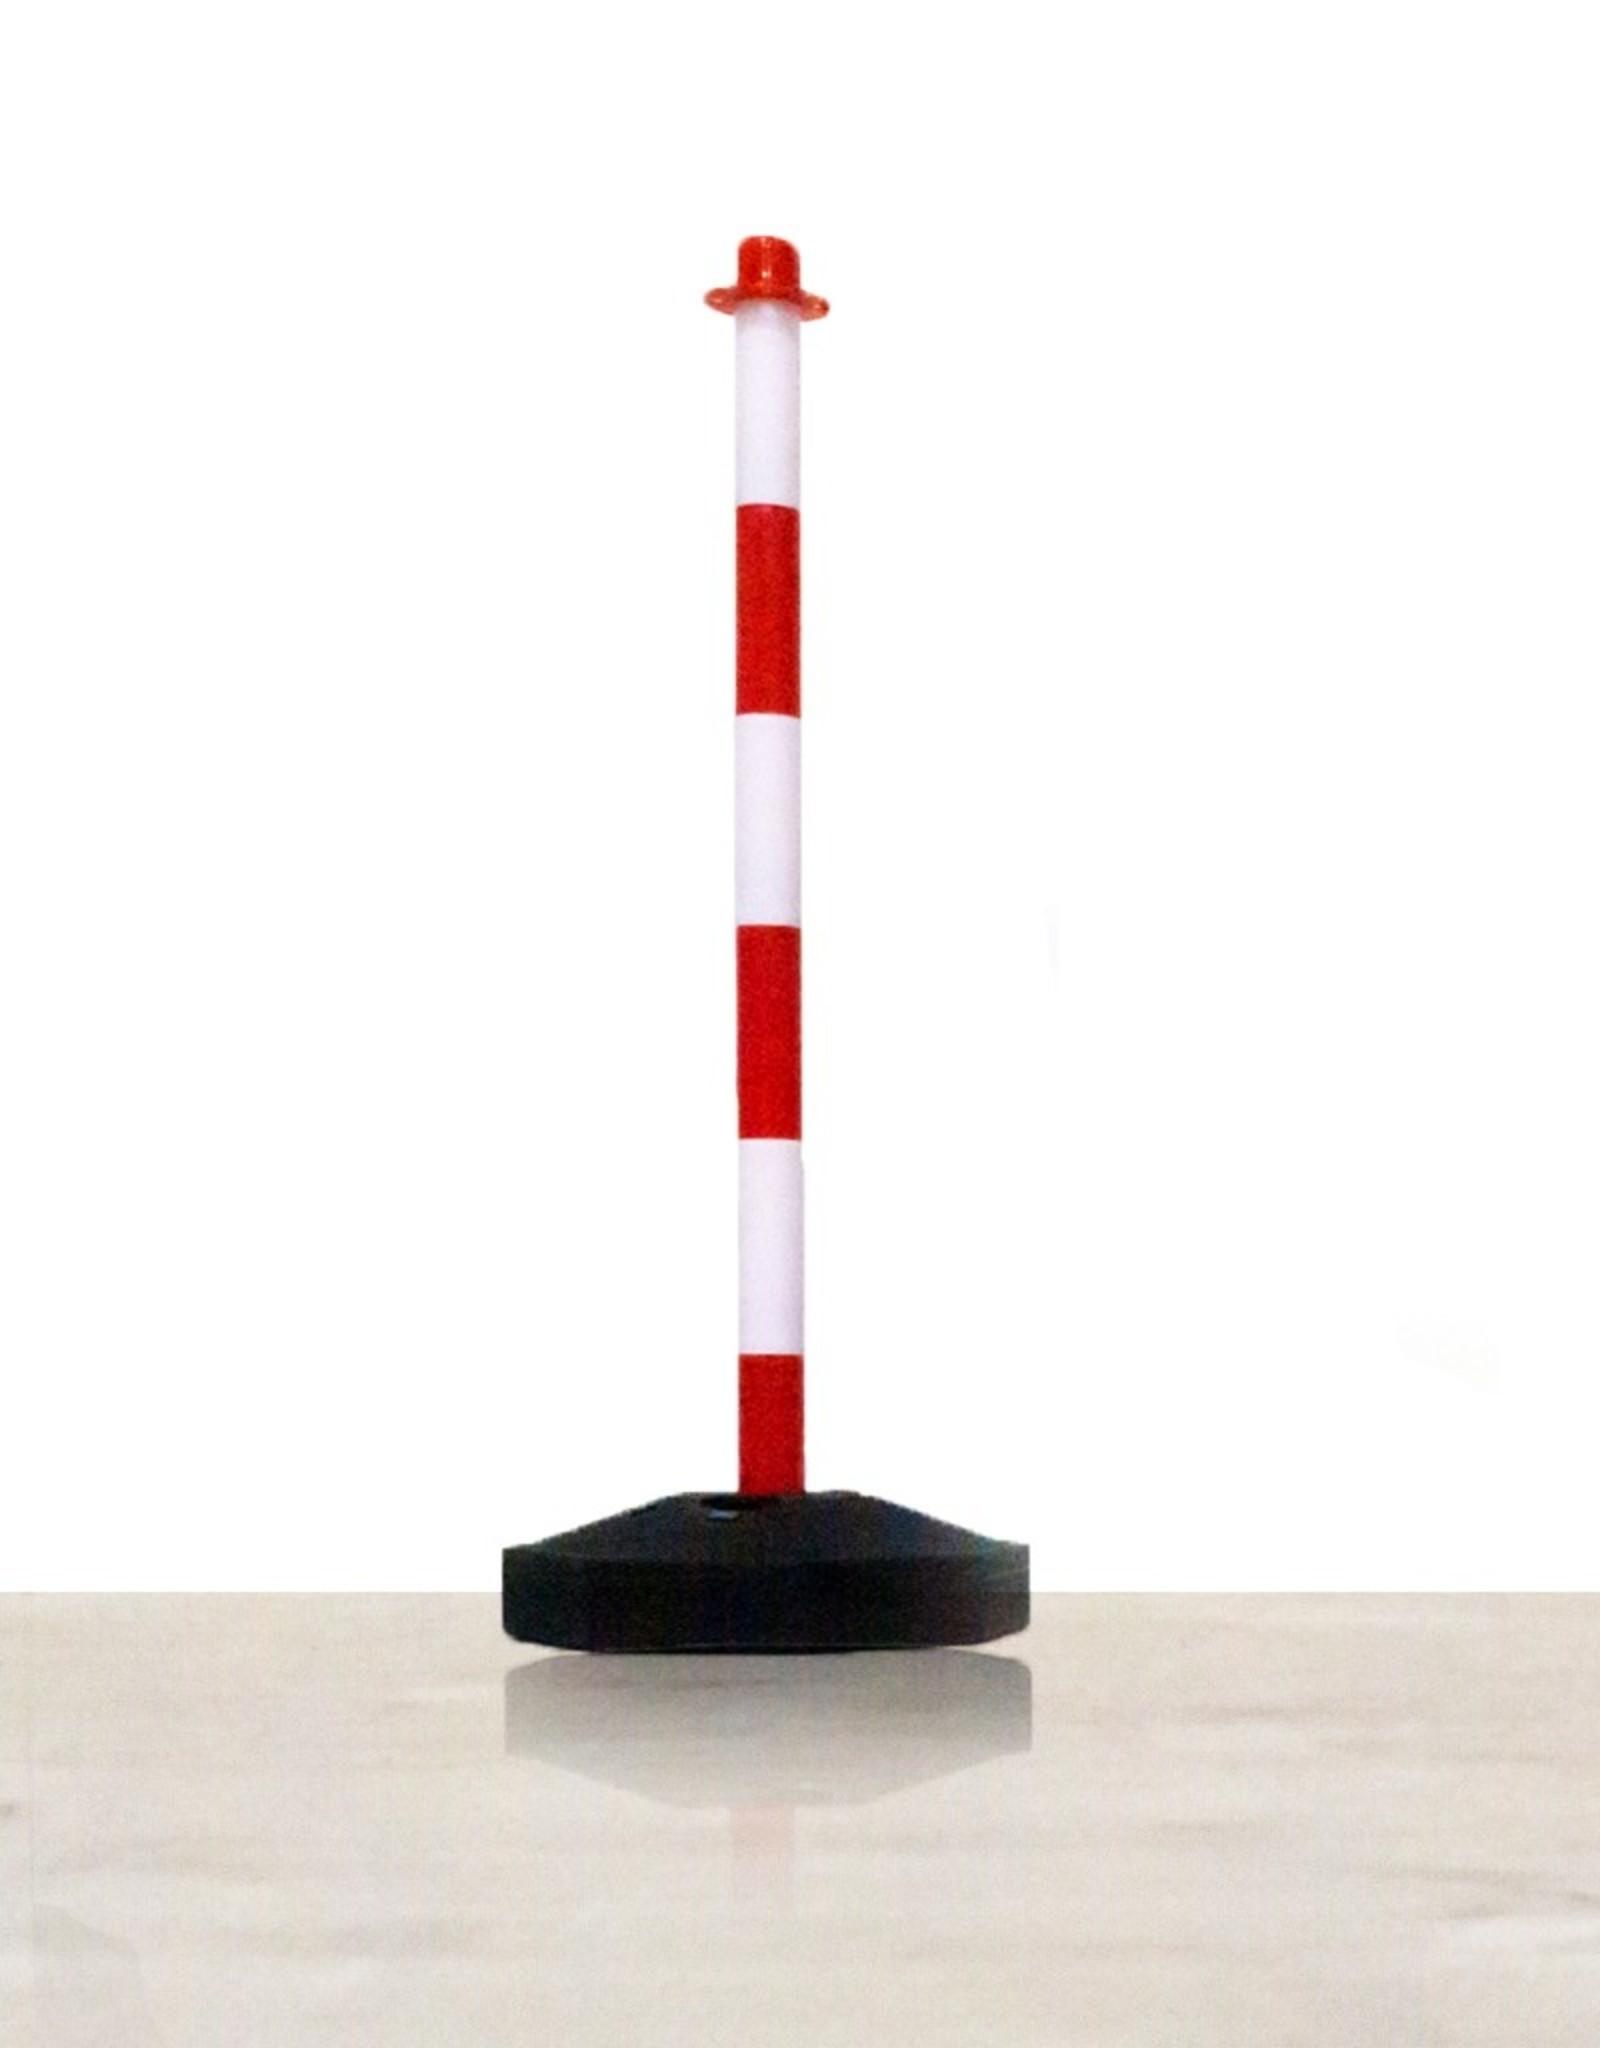 Ri-Traffic | Kettingpaal Rood Wit met op te vullen Voet